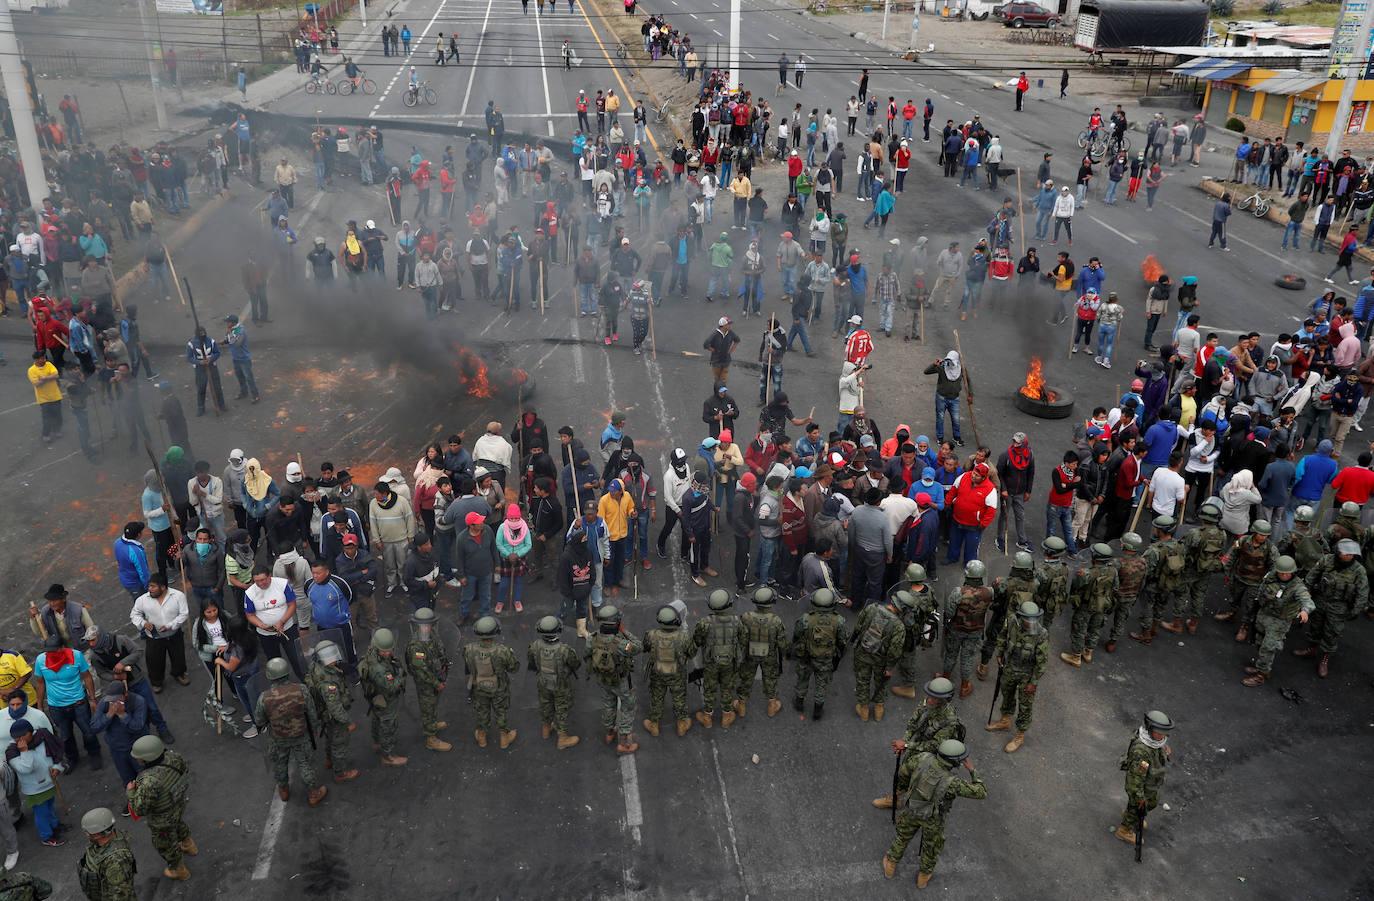 Una persona muere en las protestas contra el alza de combustibles en Ecuador